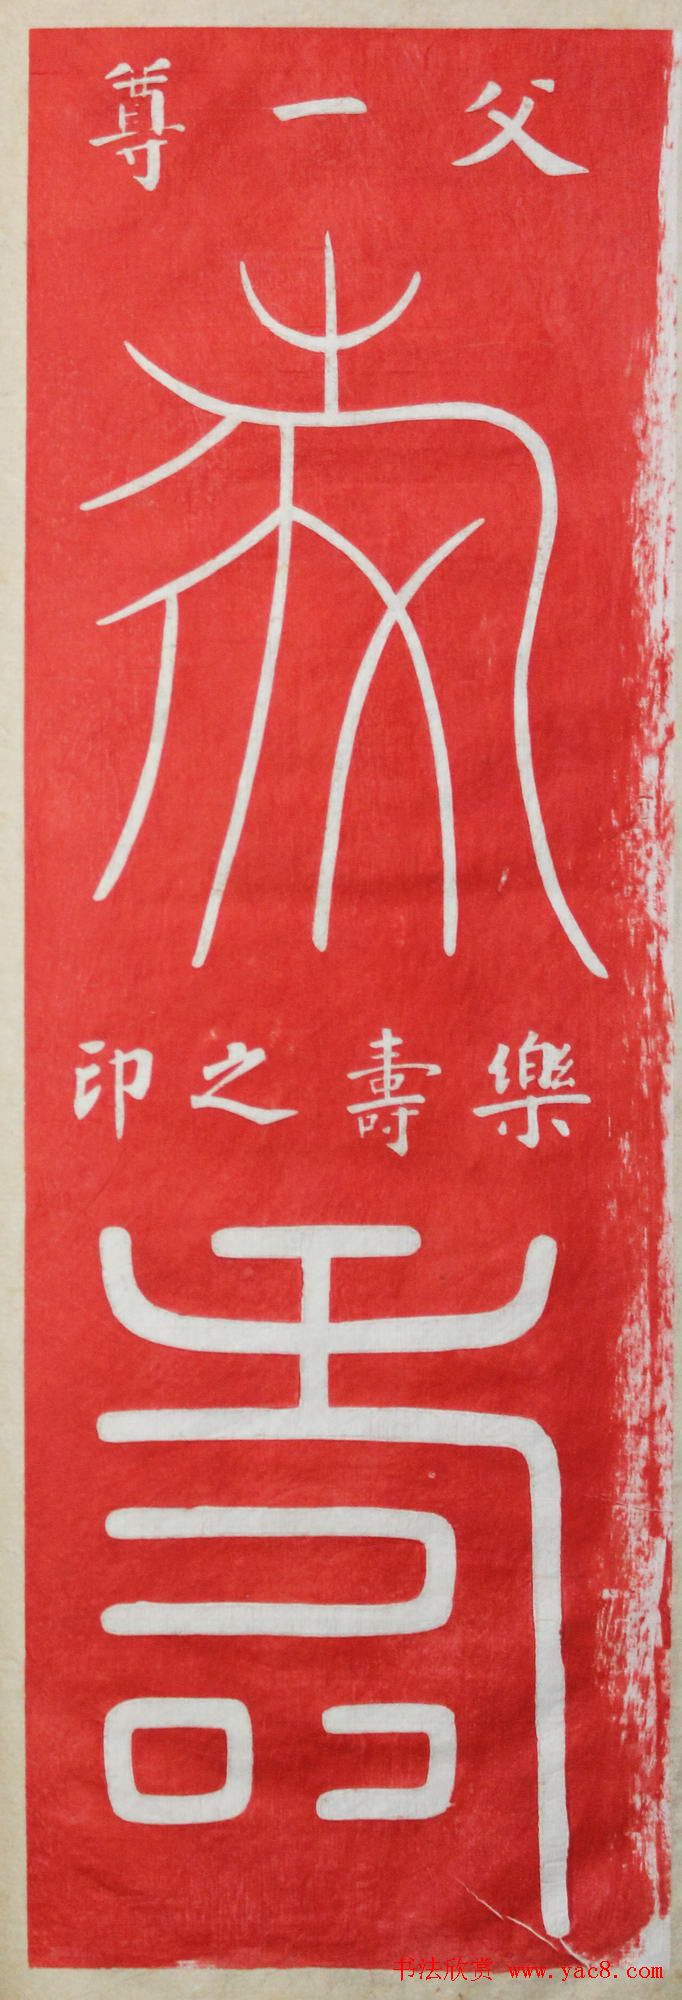 书写大全王福厂篆书120种 第58页 书法专题 书法欣赏